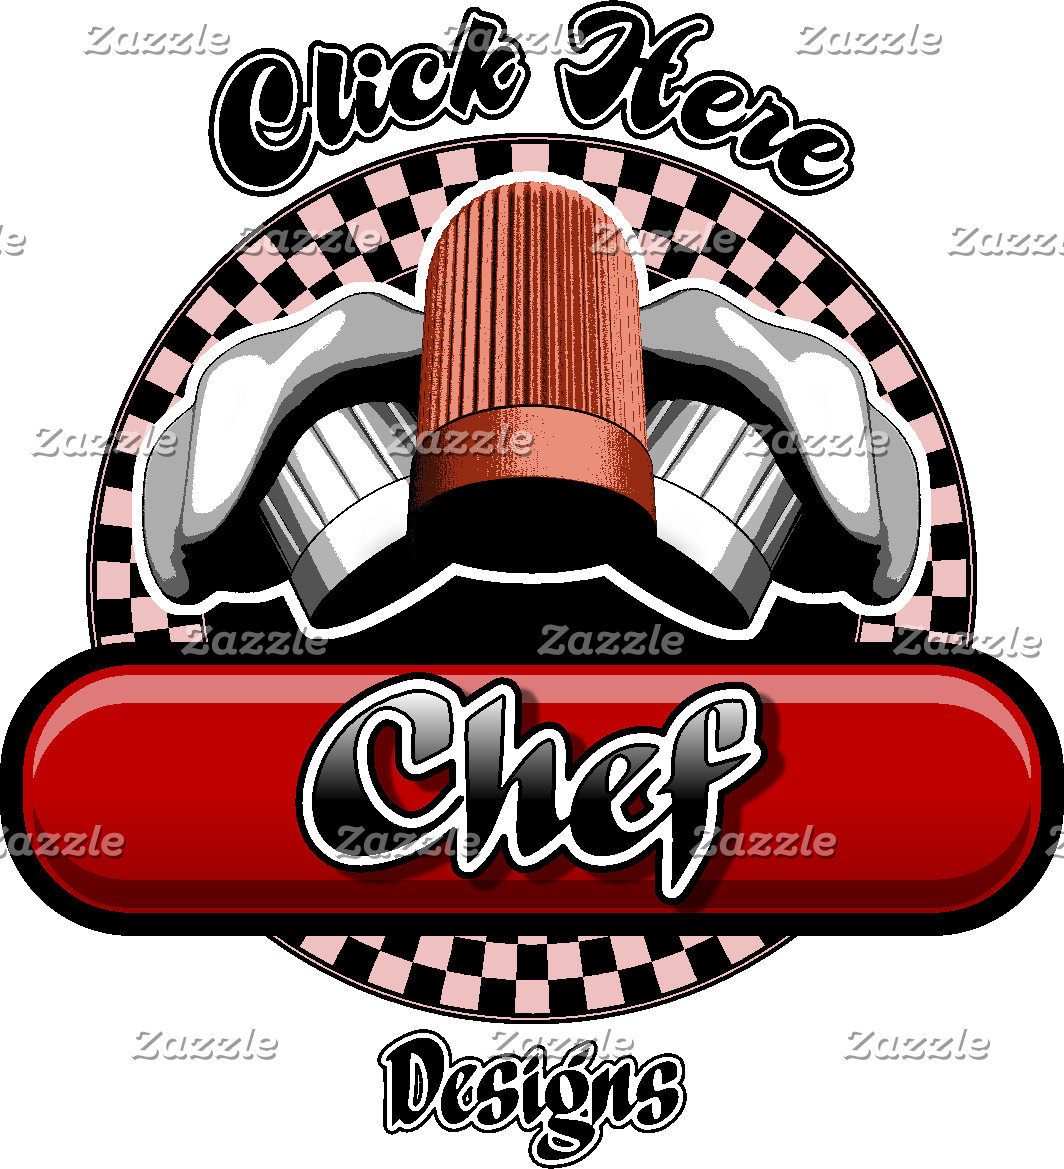 1. Chef